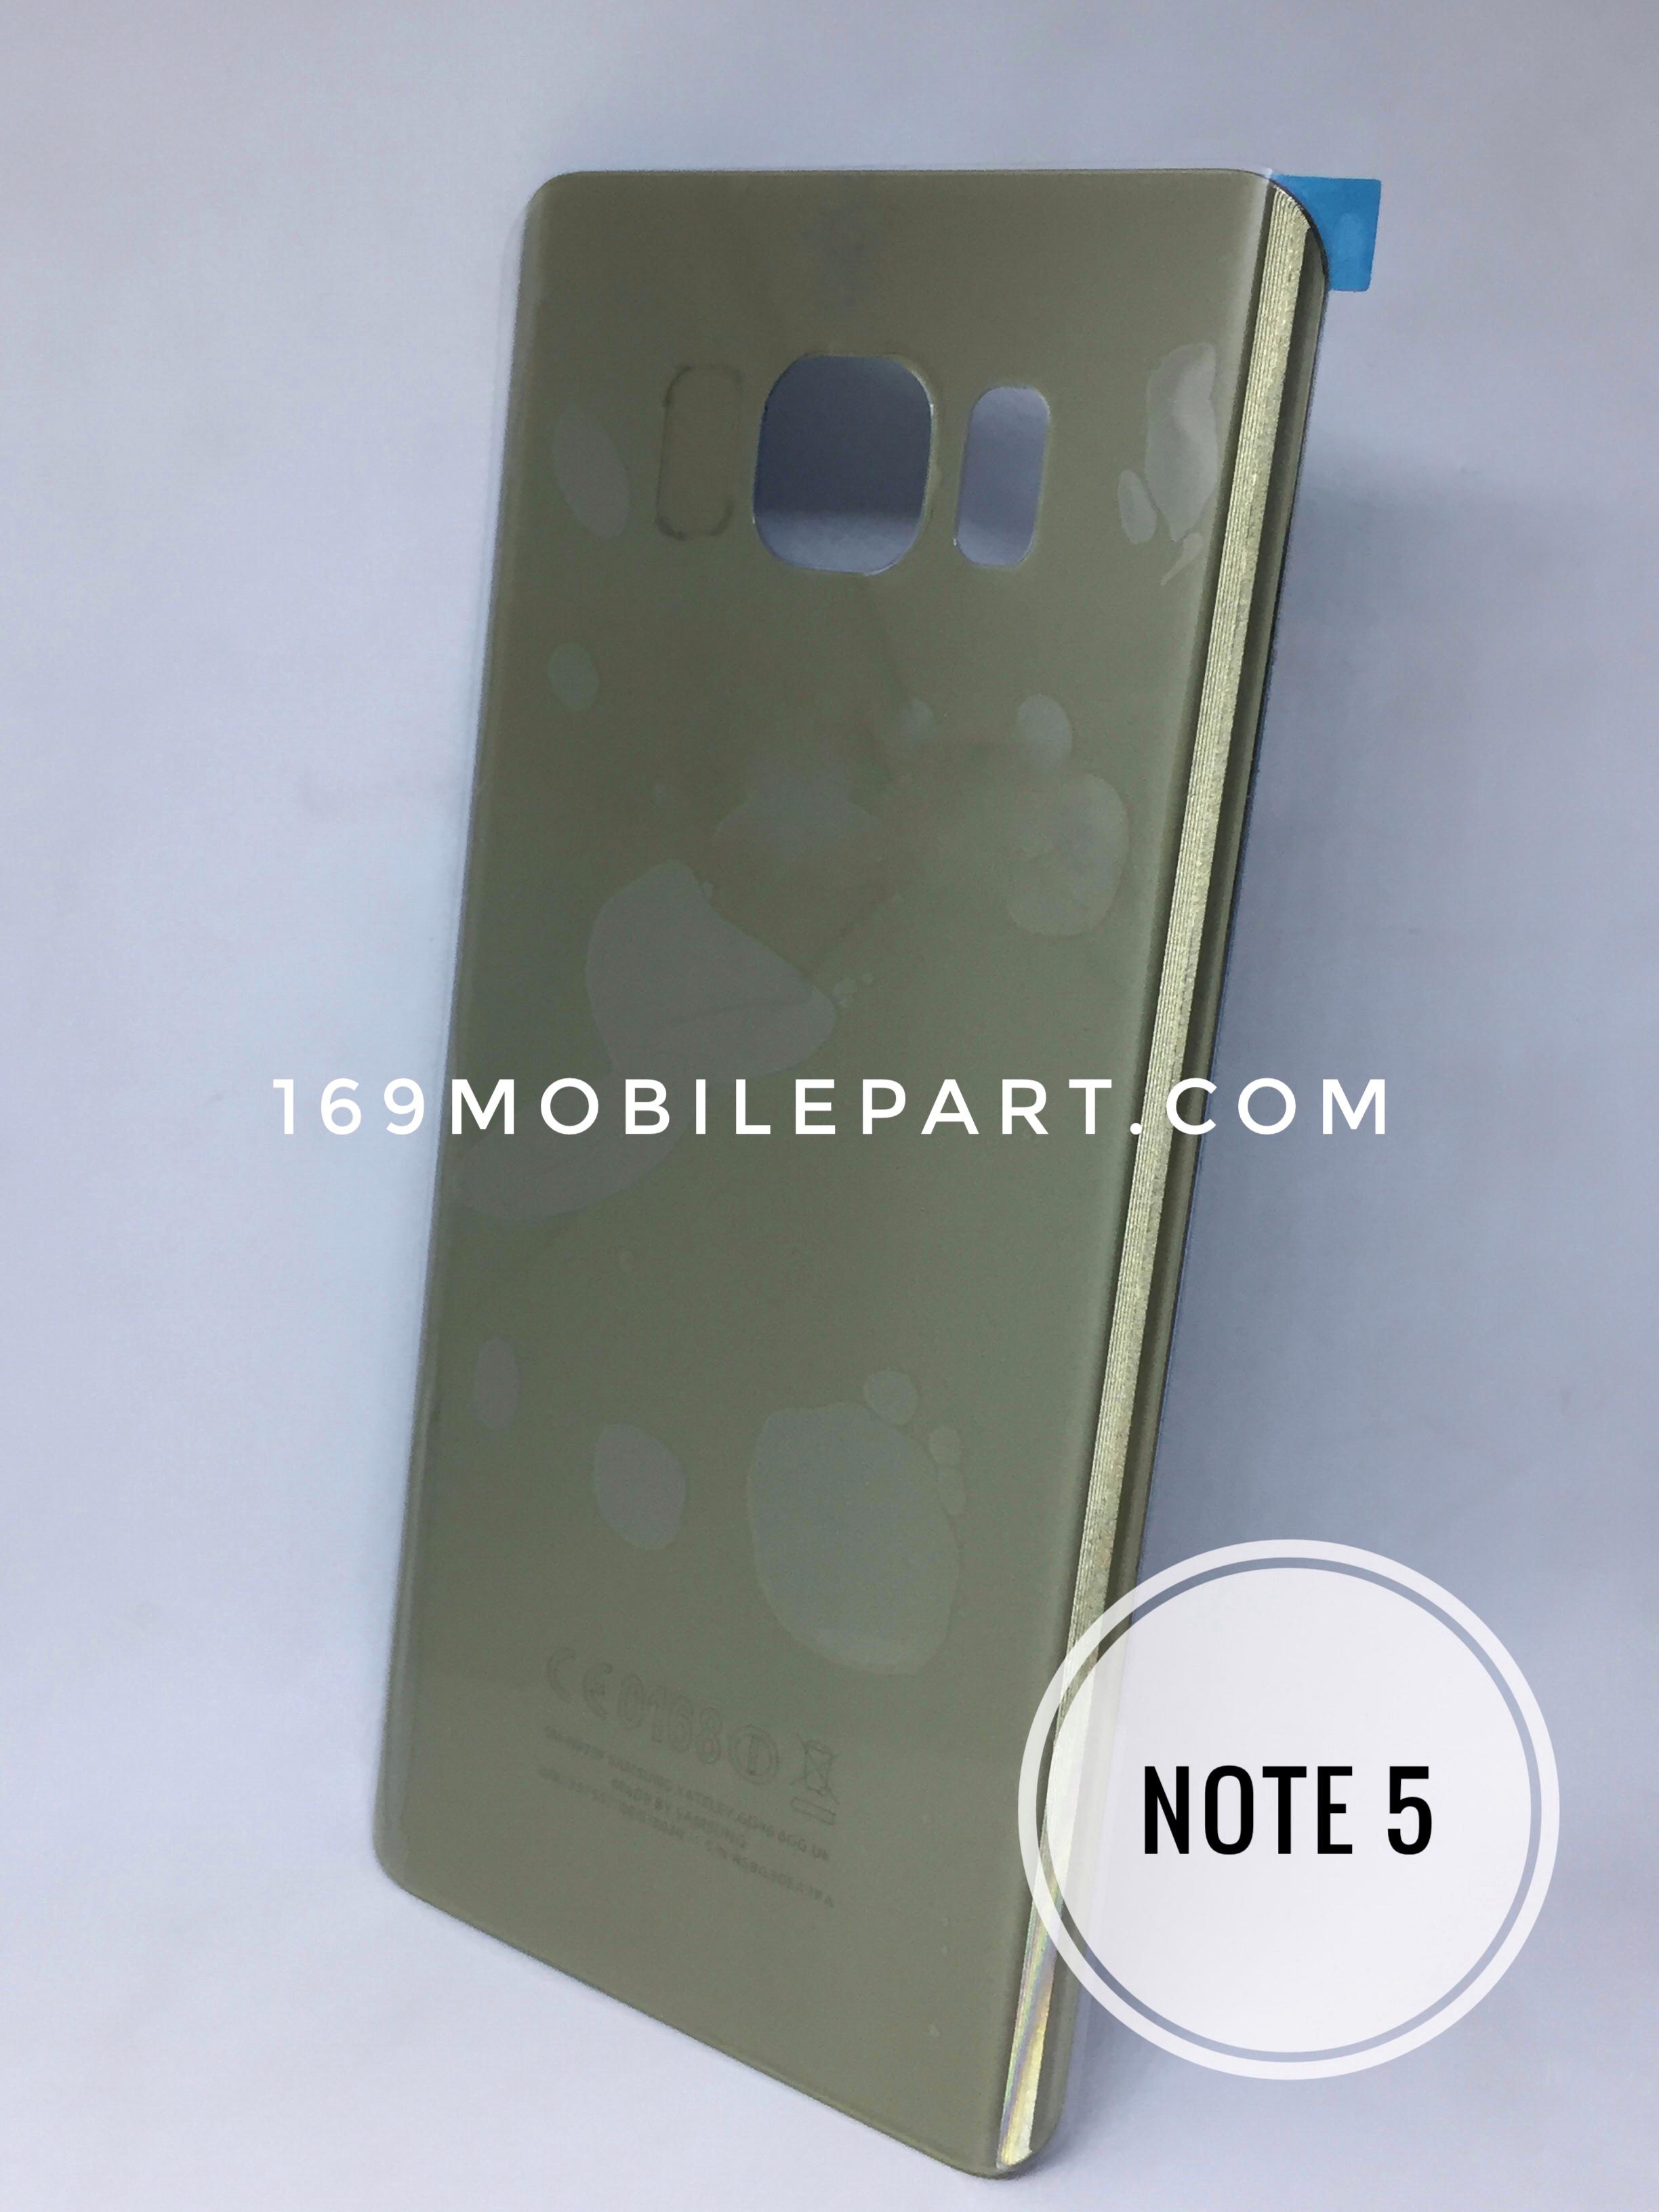 ฝาหลัง Samsung Galaxy Note 5 สีทอง(มีโลโก้นะครับ)